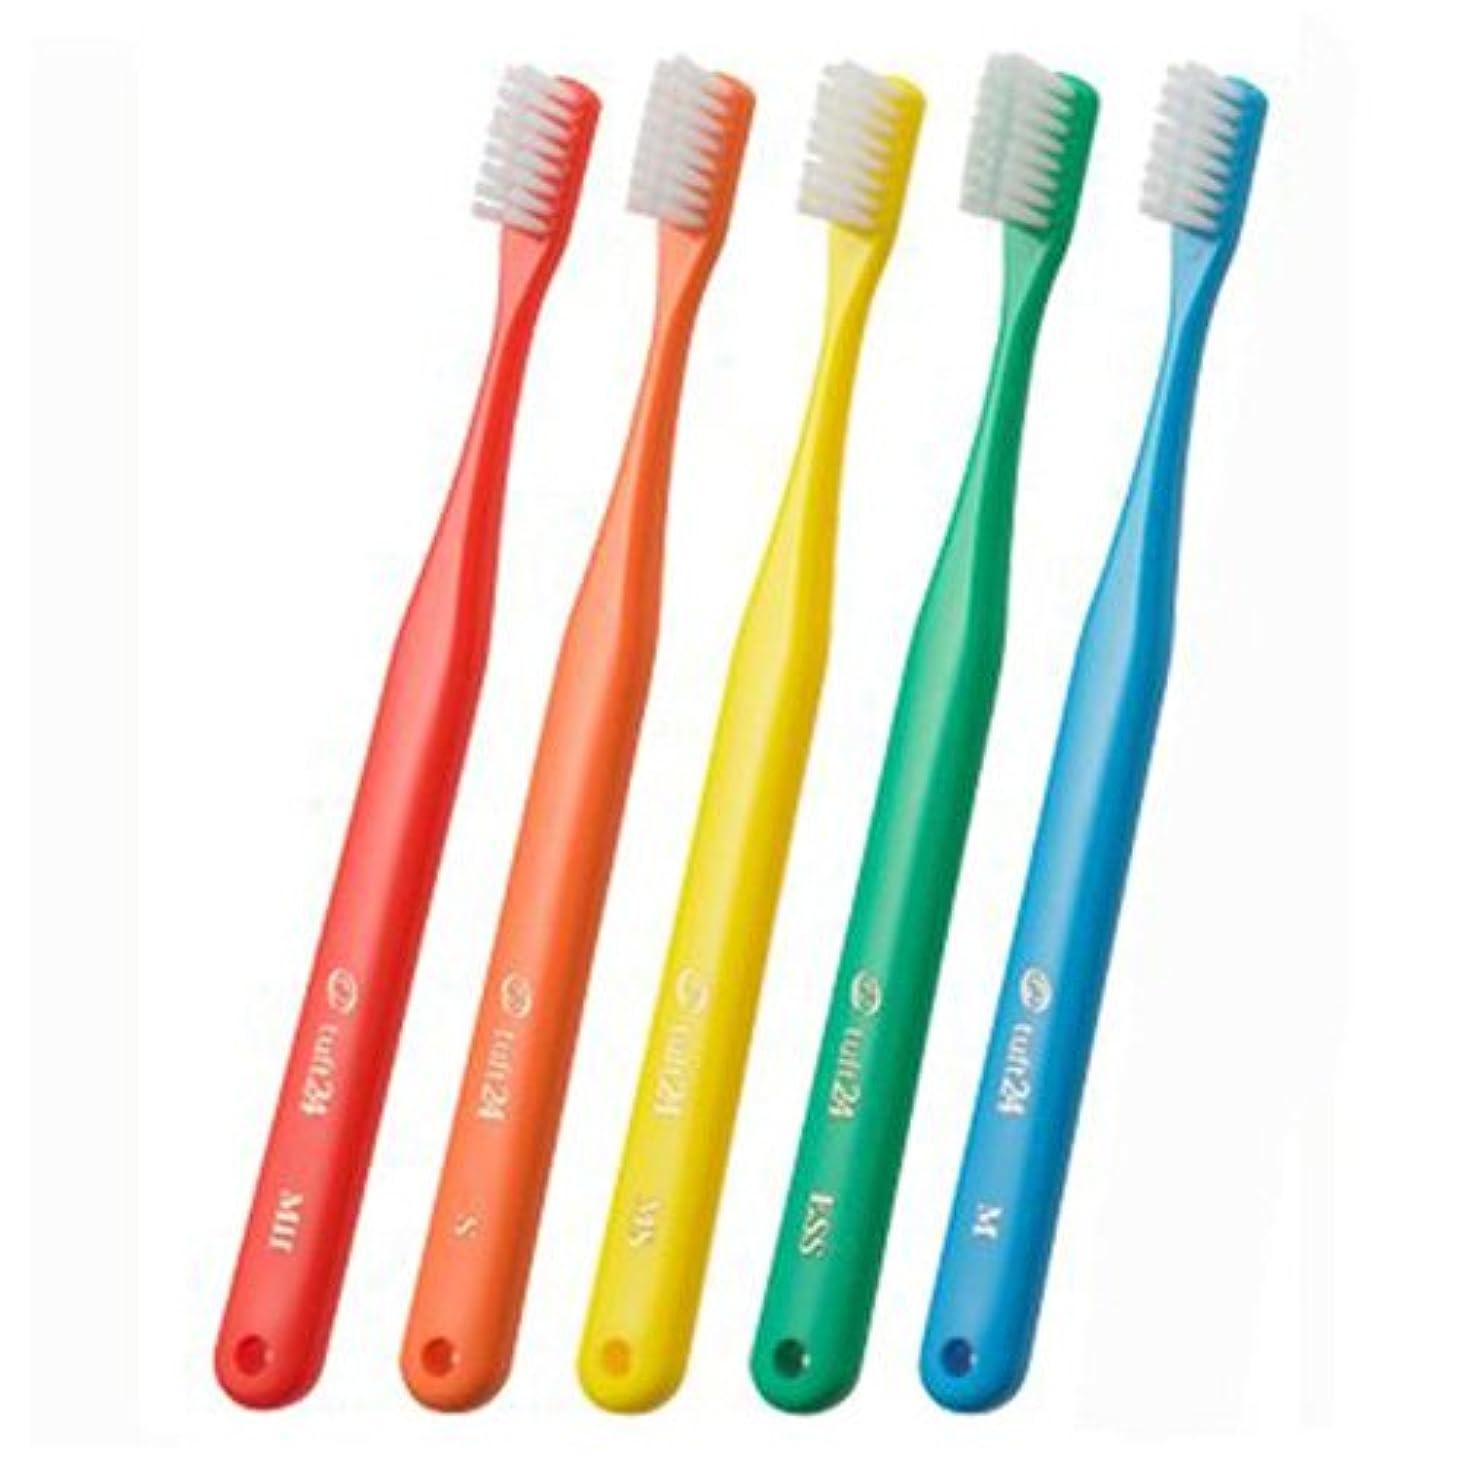 最大の徒歩で職業オーラルケア タフト24 一般成人用 3列歯ブラシ 10本セット MS(ミディアムソフト) イエロー